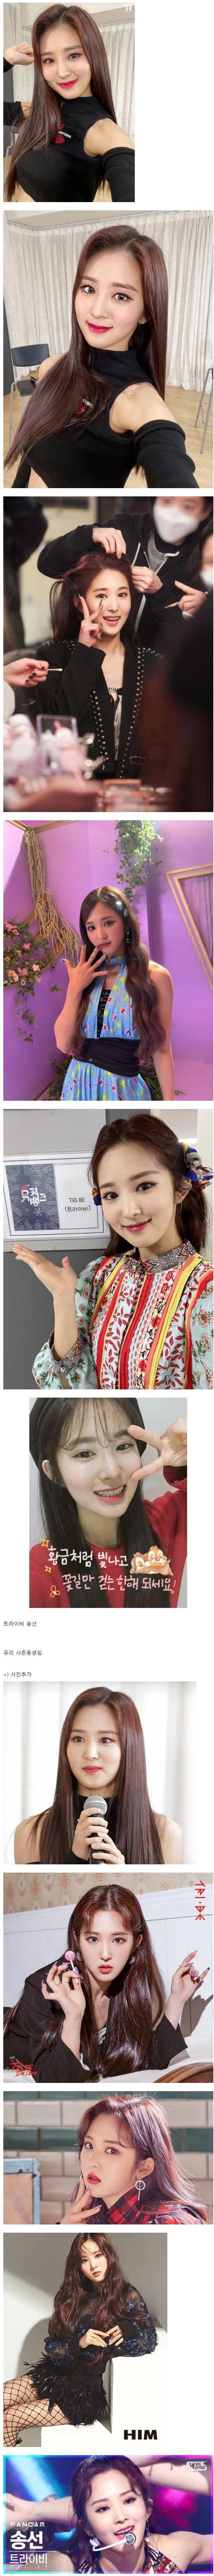 [연예] 소시 유리 닮았다는 아이돌 -  와이드섬